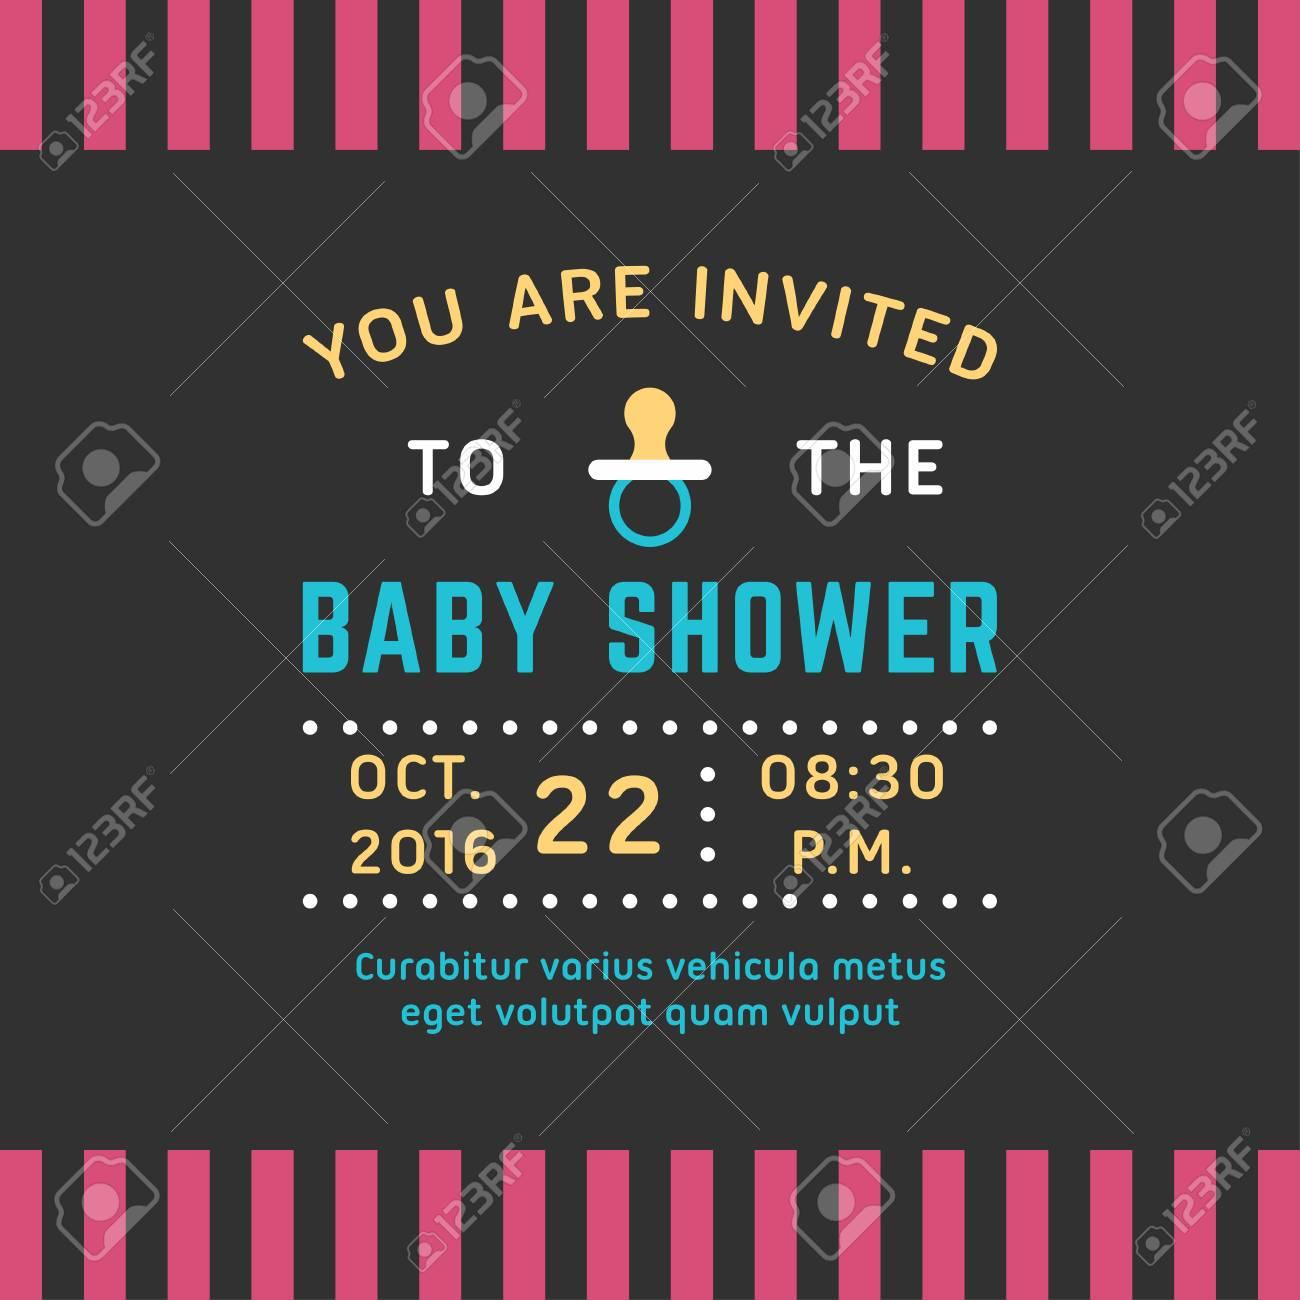 Einladung Für Baby-Dusche-Vorlage. Farbige Flache Vektor-Abbildung ...